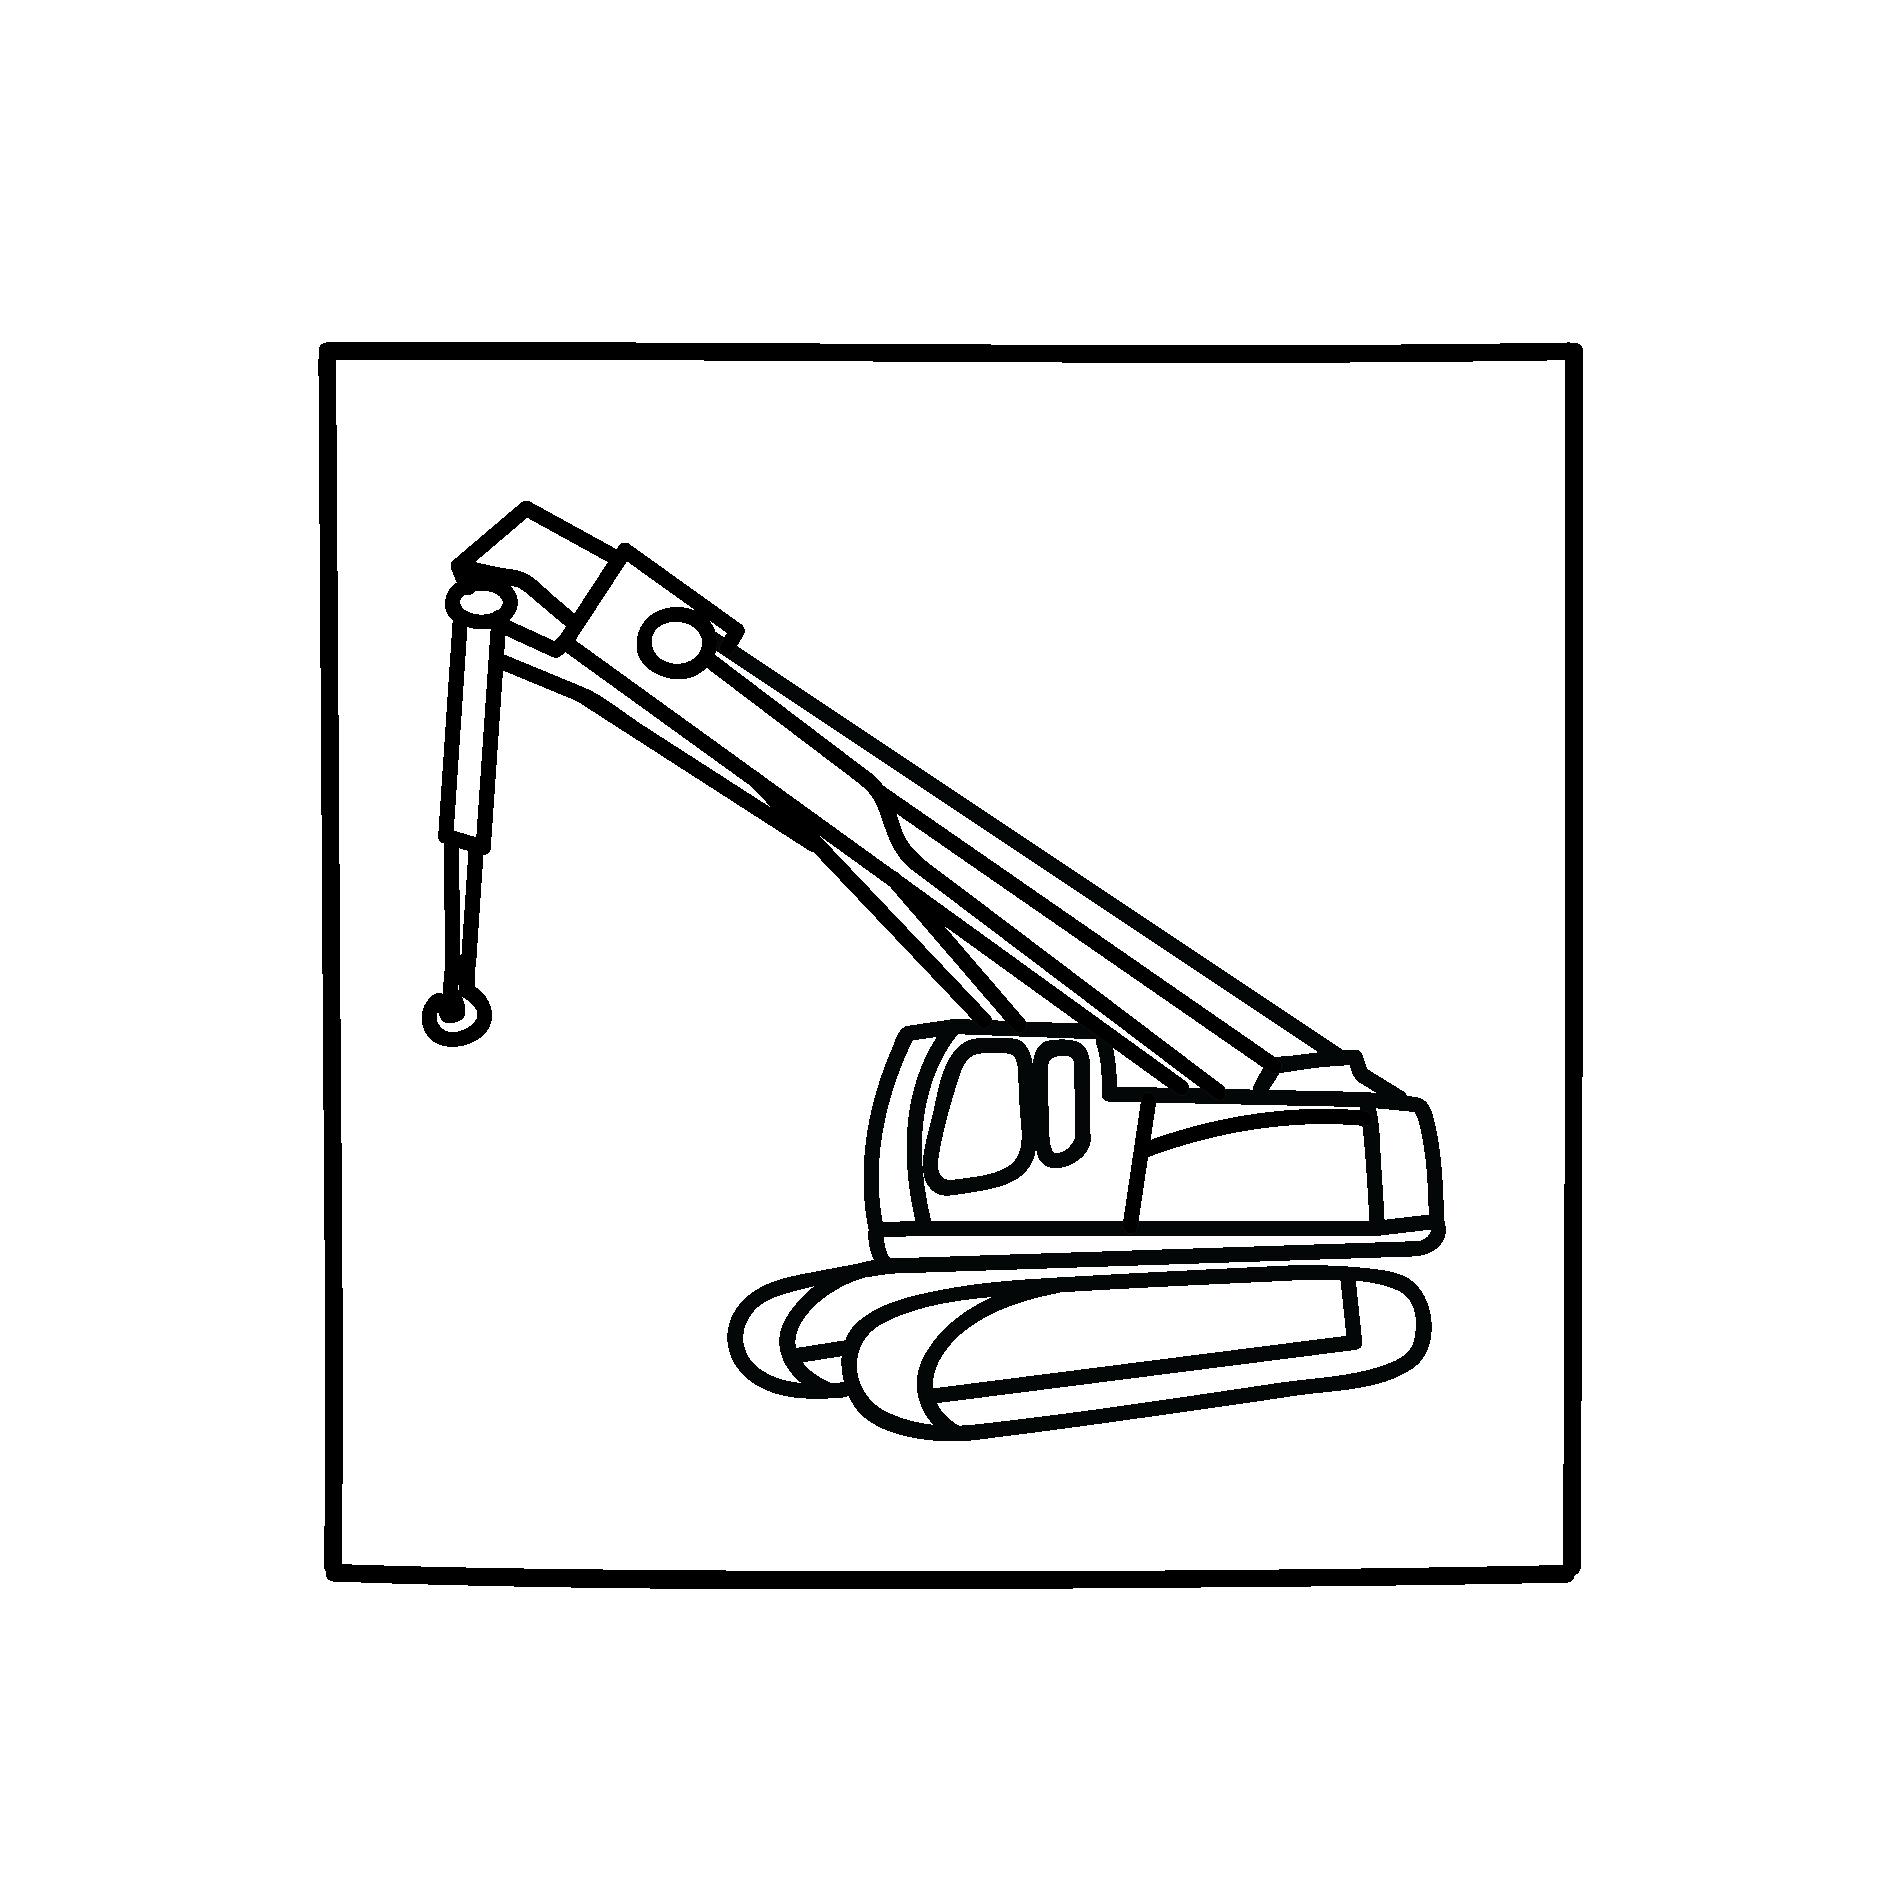 Knapillustrationsforpete-26.png